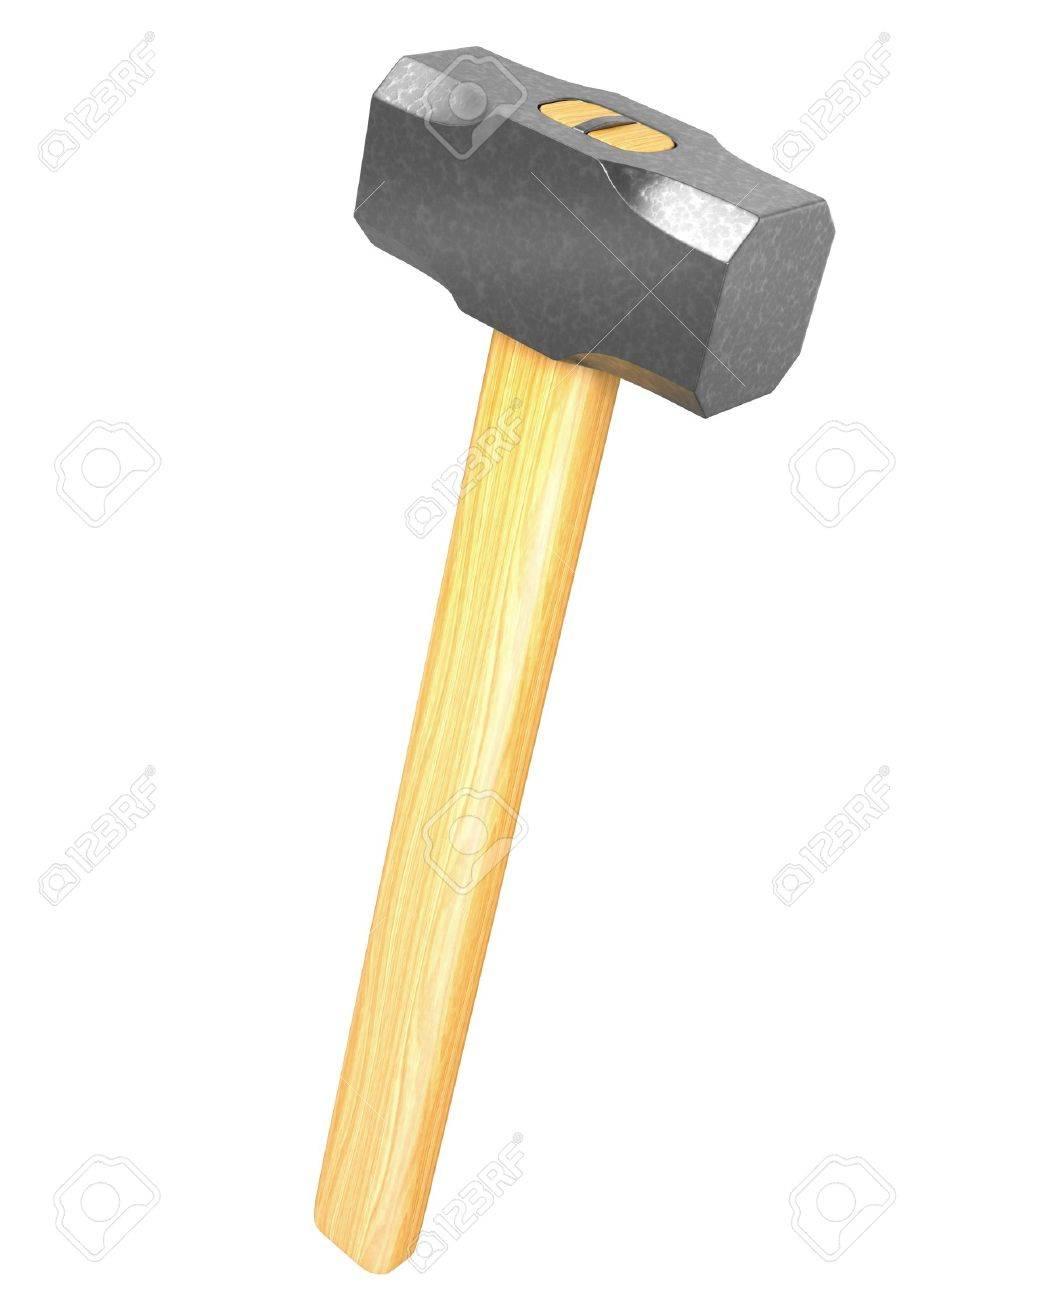 Metalen Sledge Hammer Geãsoleerd Op Witte Achtergrond Royalty Vrije